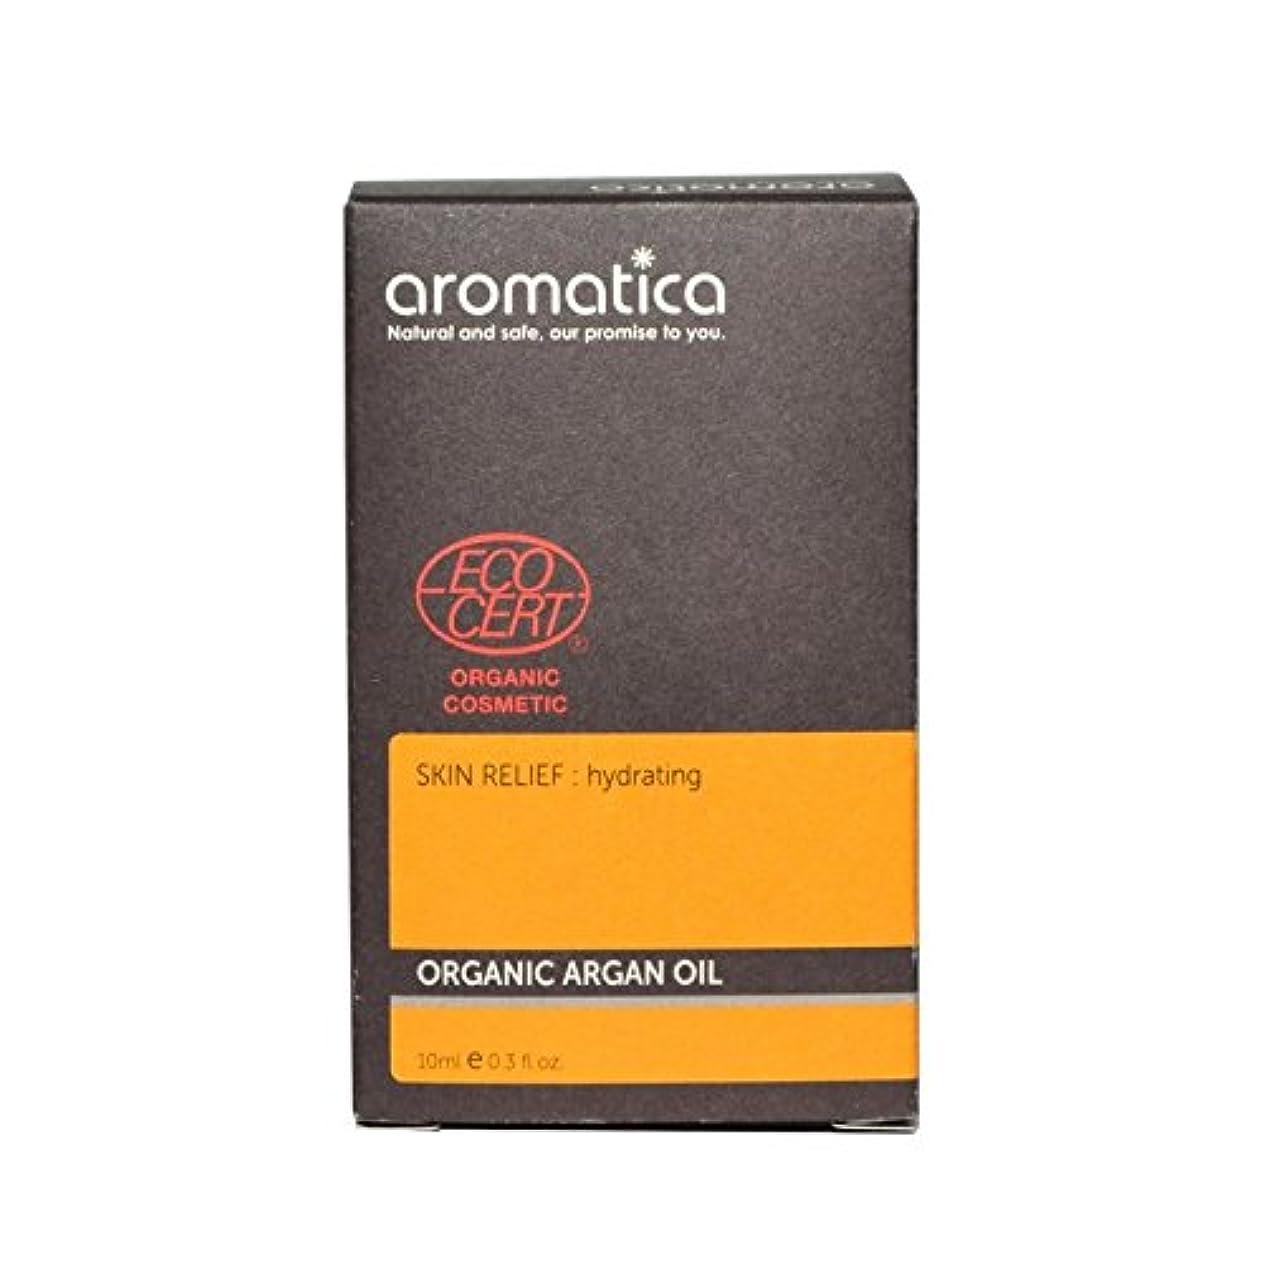 雷雨その間ヒップオーガニックアルガンオイル10ミリリットル x4 - aromatica Organic Argan Oil 10ml (Pack of 4) [並行輸入品]